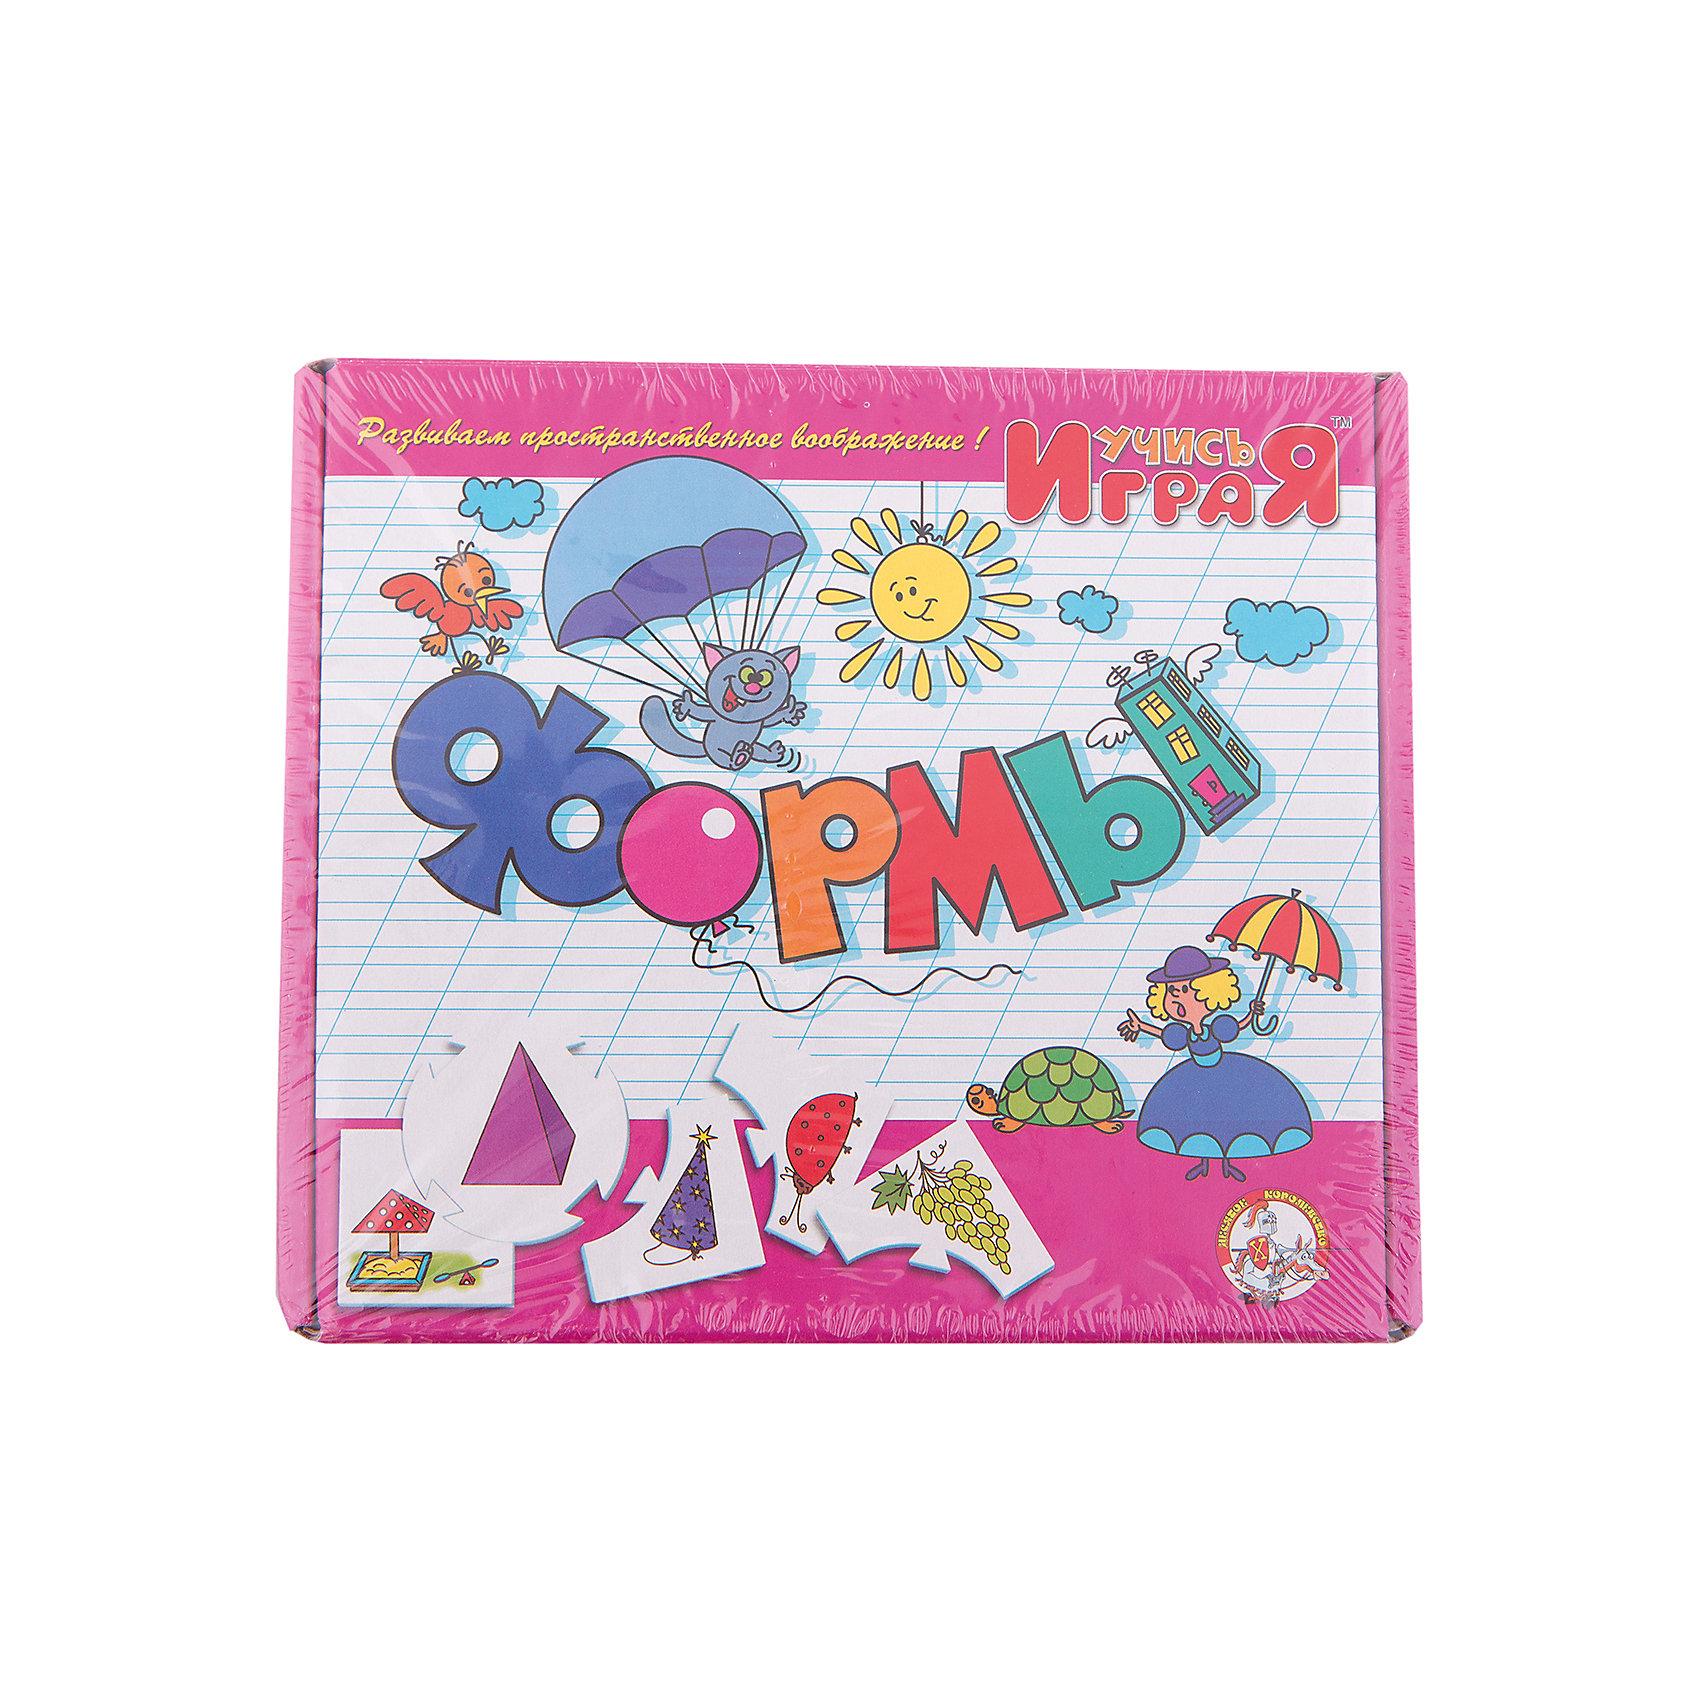 Игра обучающая  Формы, Десятое королевствоИзучаем цвета и формы<br>Игра обучающая Формы, Десятое королевство<br><br>Характеристики:<br><br>• Возраст: от 3 лет<br>• Количество игроков: от 1 до 10<br>• В комплекте: 10 карточек заданий, 4 карточки с ответами<br><br>В этой увлекательной обучающей игре могут участвовать одновременно от 1 до 10 детей! В наборе содержатся 10 карточек-заданий, на которых изображены рисунки по теме «формы». К каждой необходимо найти 4 карточки-ответа, чтобы дополнить их содержание. В процессе игры дети исследуют разнообразные формы и запоминают их, работают над мелкой моторикой и расширяют свои знания и представления об окружающем мире.<br><br>Игра обучающая Формы, Десятое королевство можно купить в нашем интернет-магазине.<br><br>Ширина мм: 230<br>Глубина мм: 200<br>Высота мм: 35<br>Вес г: 240<br>Возраст от месяцев: 84<br>Возраст до месяцев: 2147483647<br>Пол: Унисекс<br>Возраст: Детский<br>SKU: 5471683